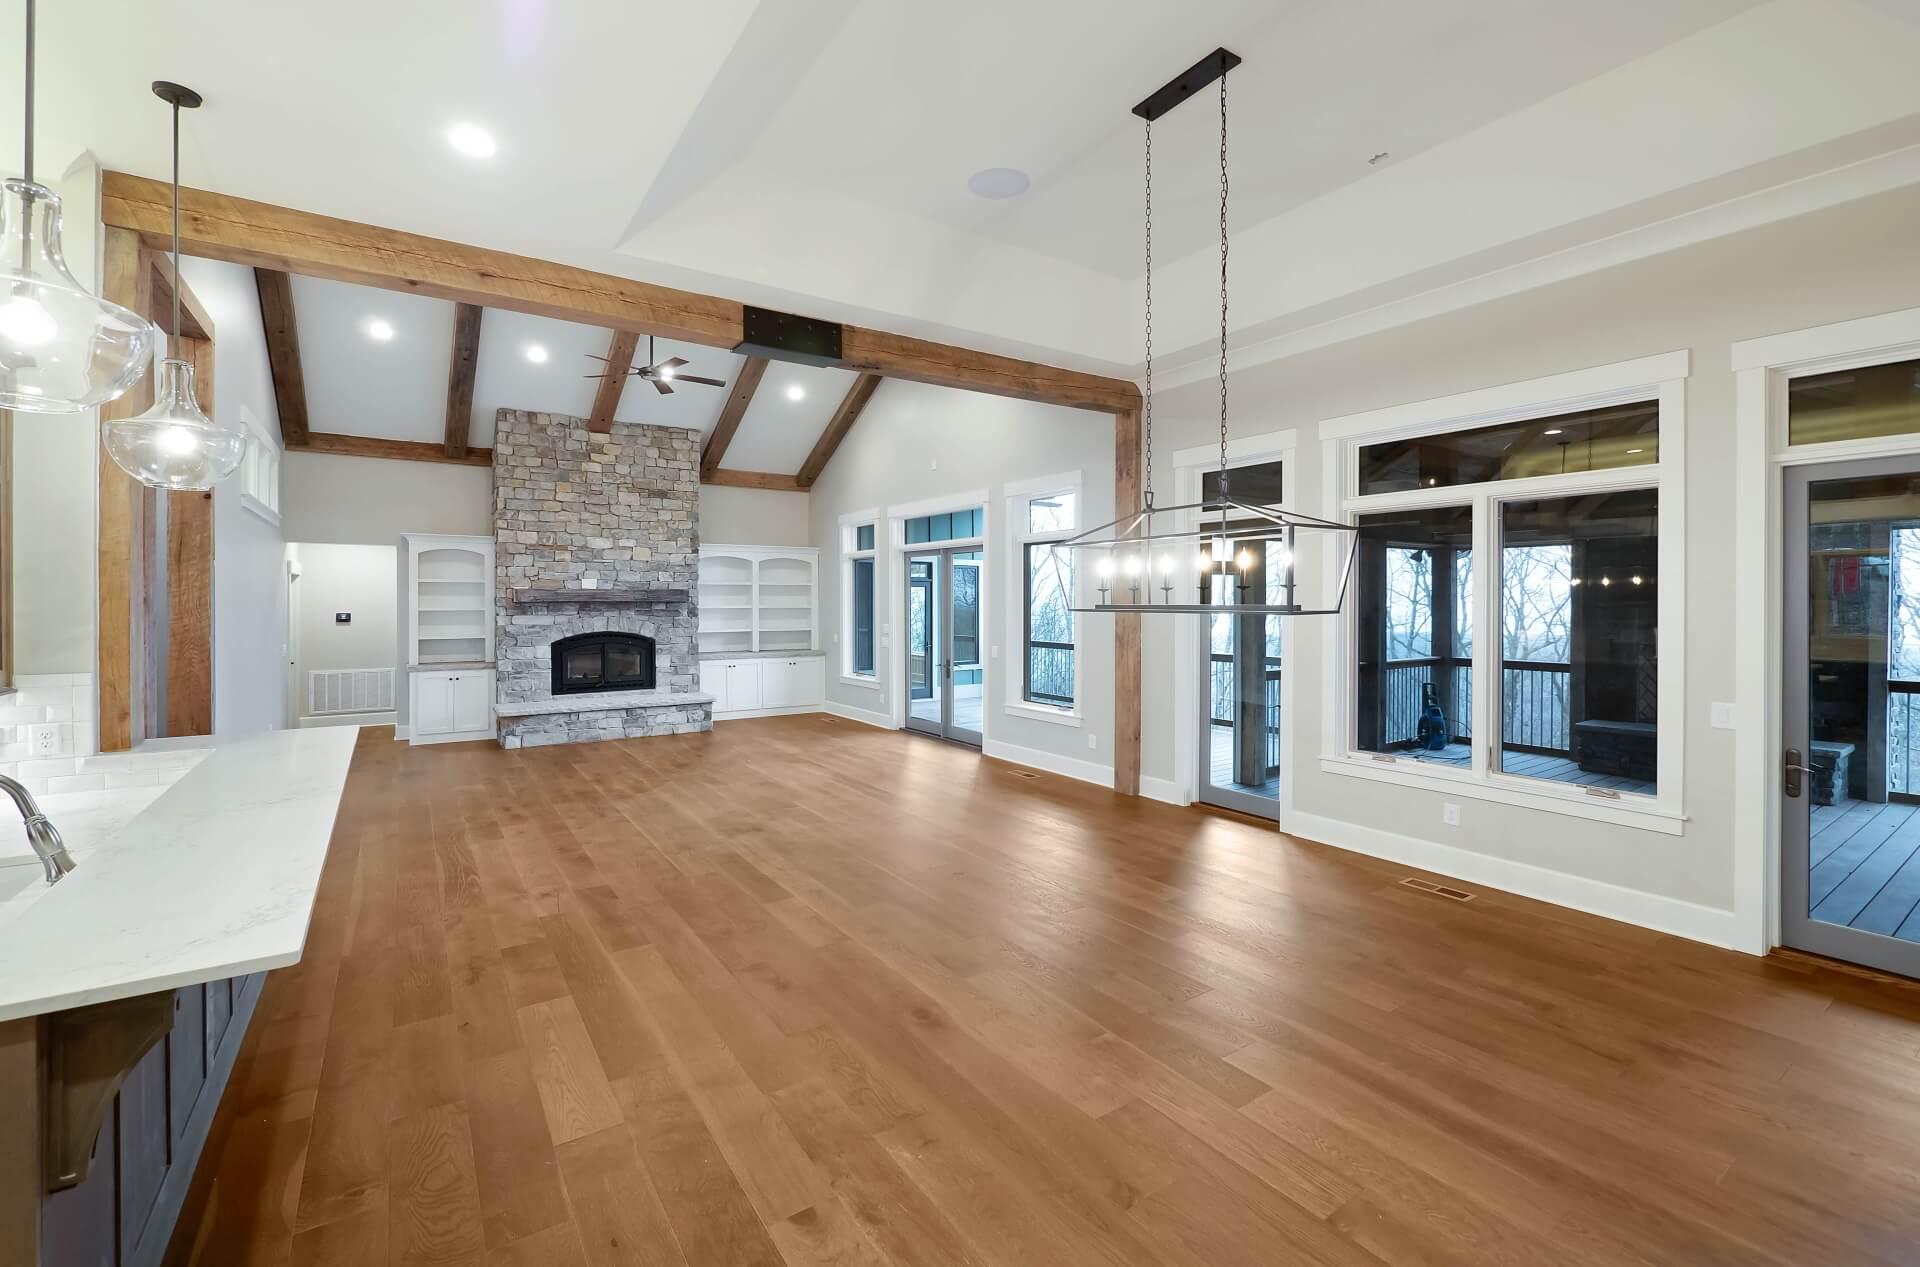 custom-living-room-beams-wide-plank-floor-1